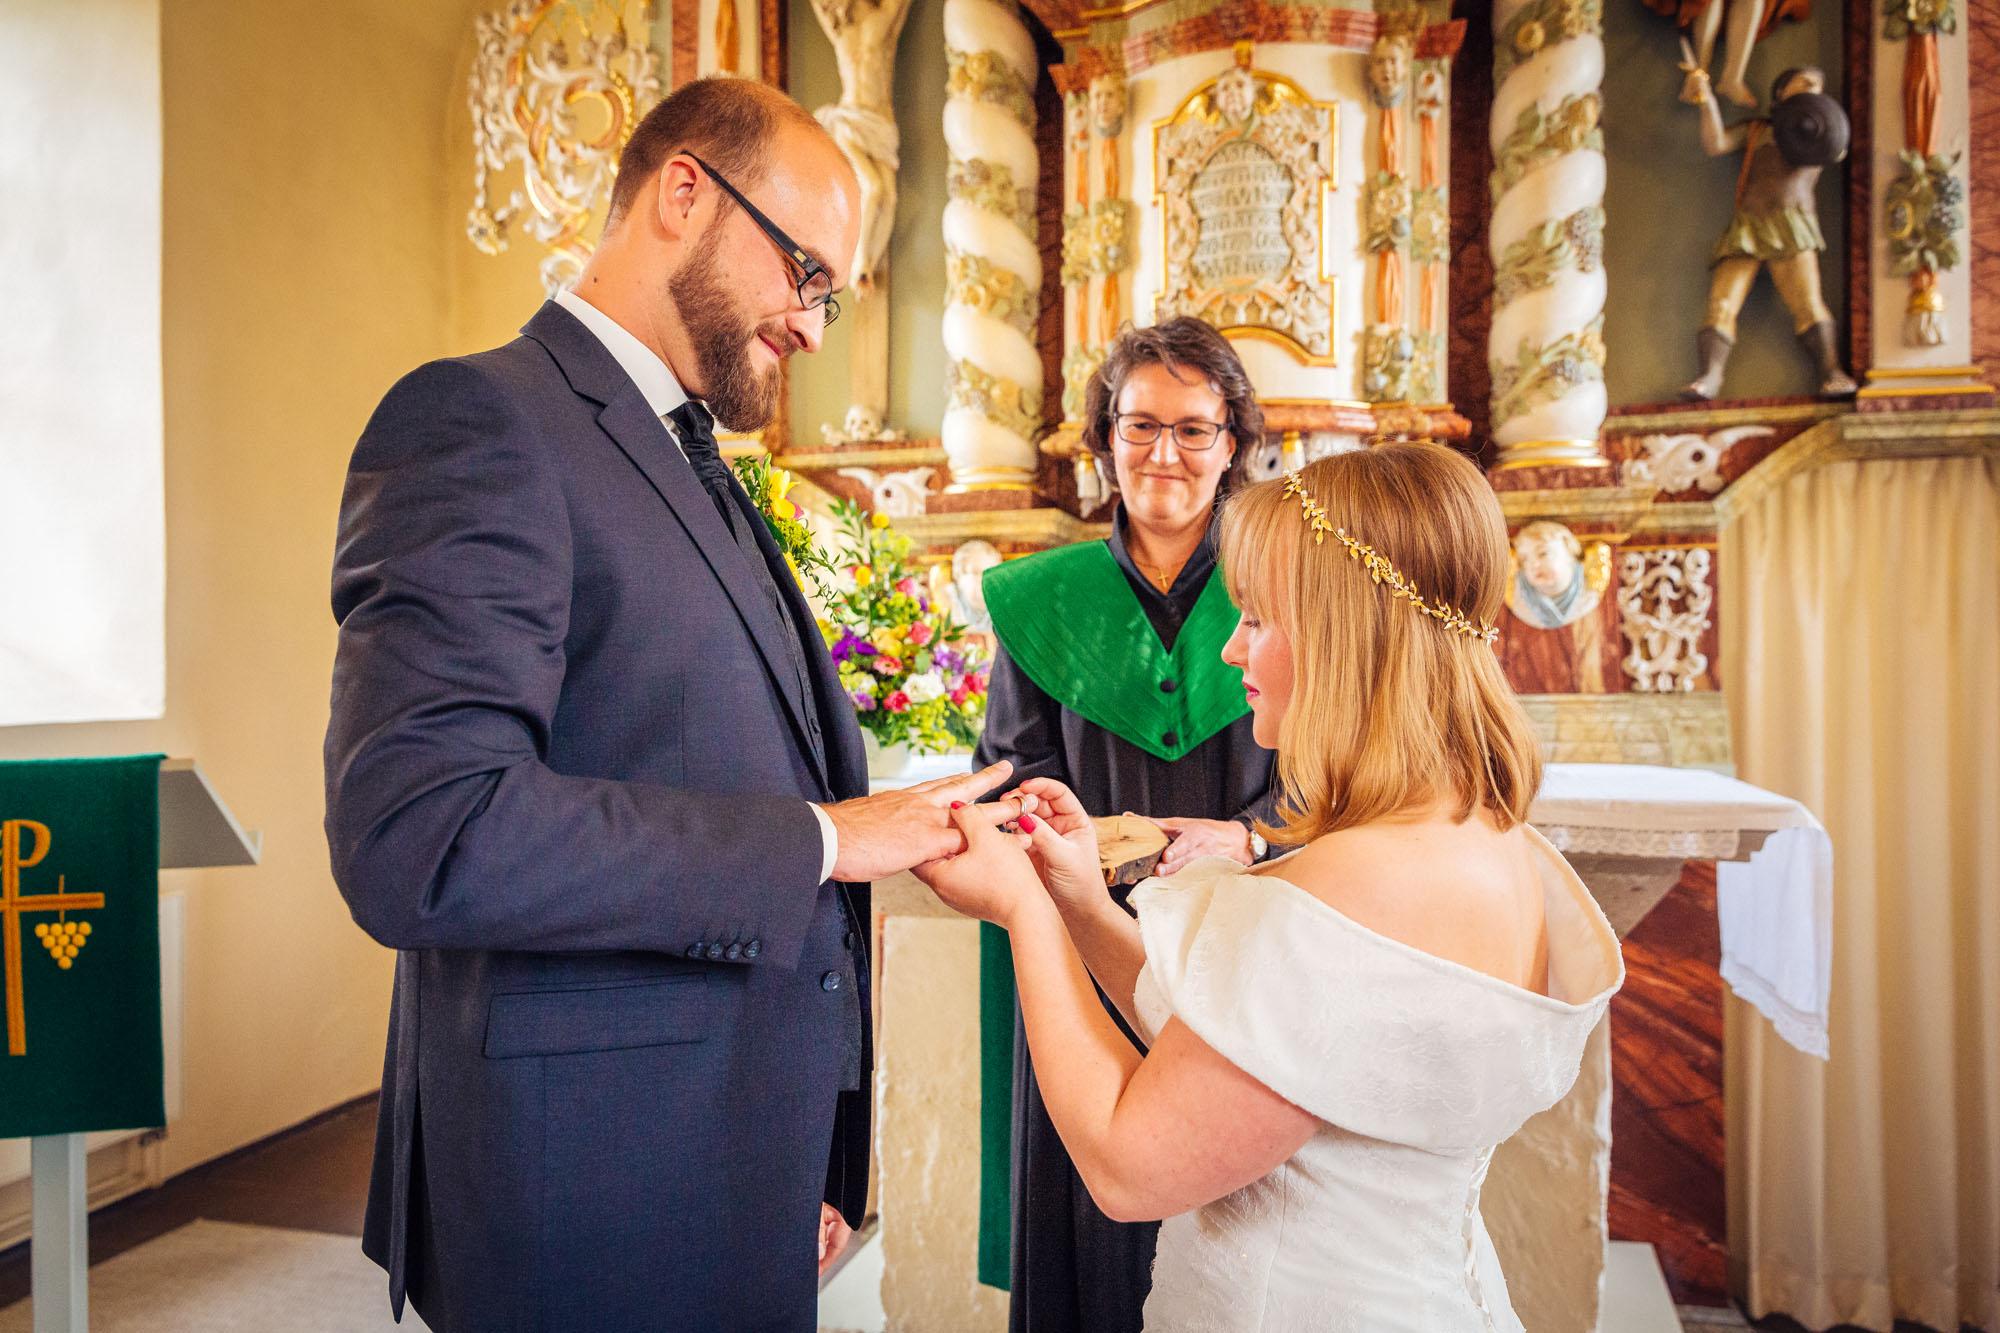 Hochzeitsfotograf Angela und Marius  Sascha Drmer Film